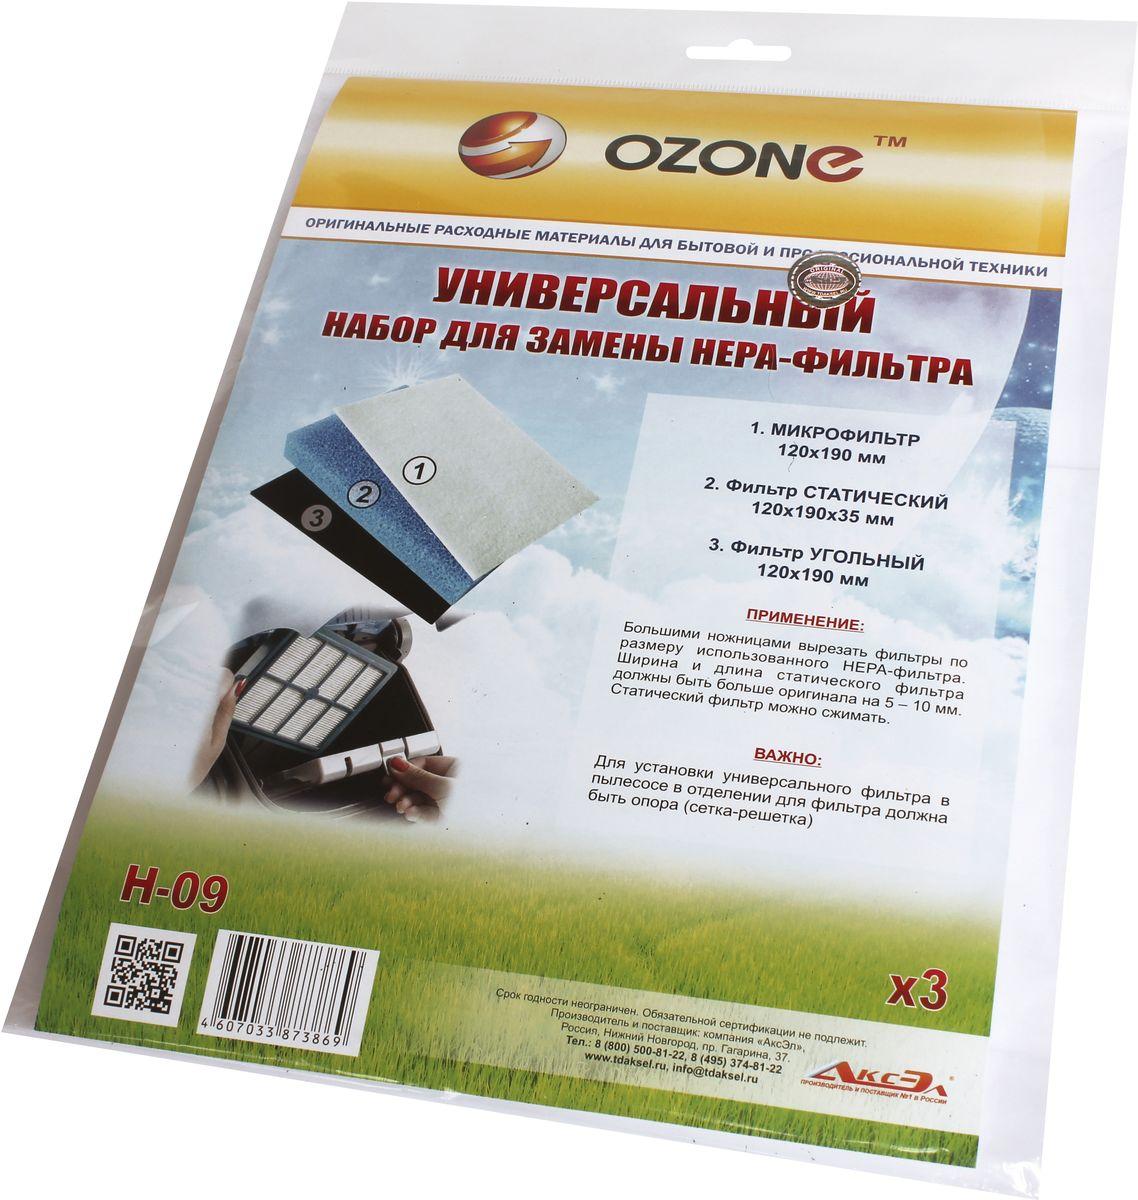 Ozone H-09 набор универсальных фильтров, 3 штH-09HEPA фильтр Ozone microne H-09 высокоэффективной очистки предназначен для завершающей очистки воздуха в помещении, которое требует высокое качество воздуха, например, медицинских помещений. Фильтр состоит из мелкопористых материалов, что служит эффективному задерживанию частиц размером до 0,3 мкм. Фильтры HEPA последнего поколения имеют степень очистки воздуха около 95-97%. Фильтры не подлежат к промывке, а значит, они являются одноразовыми.